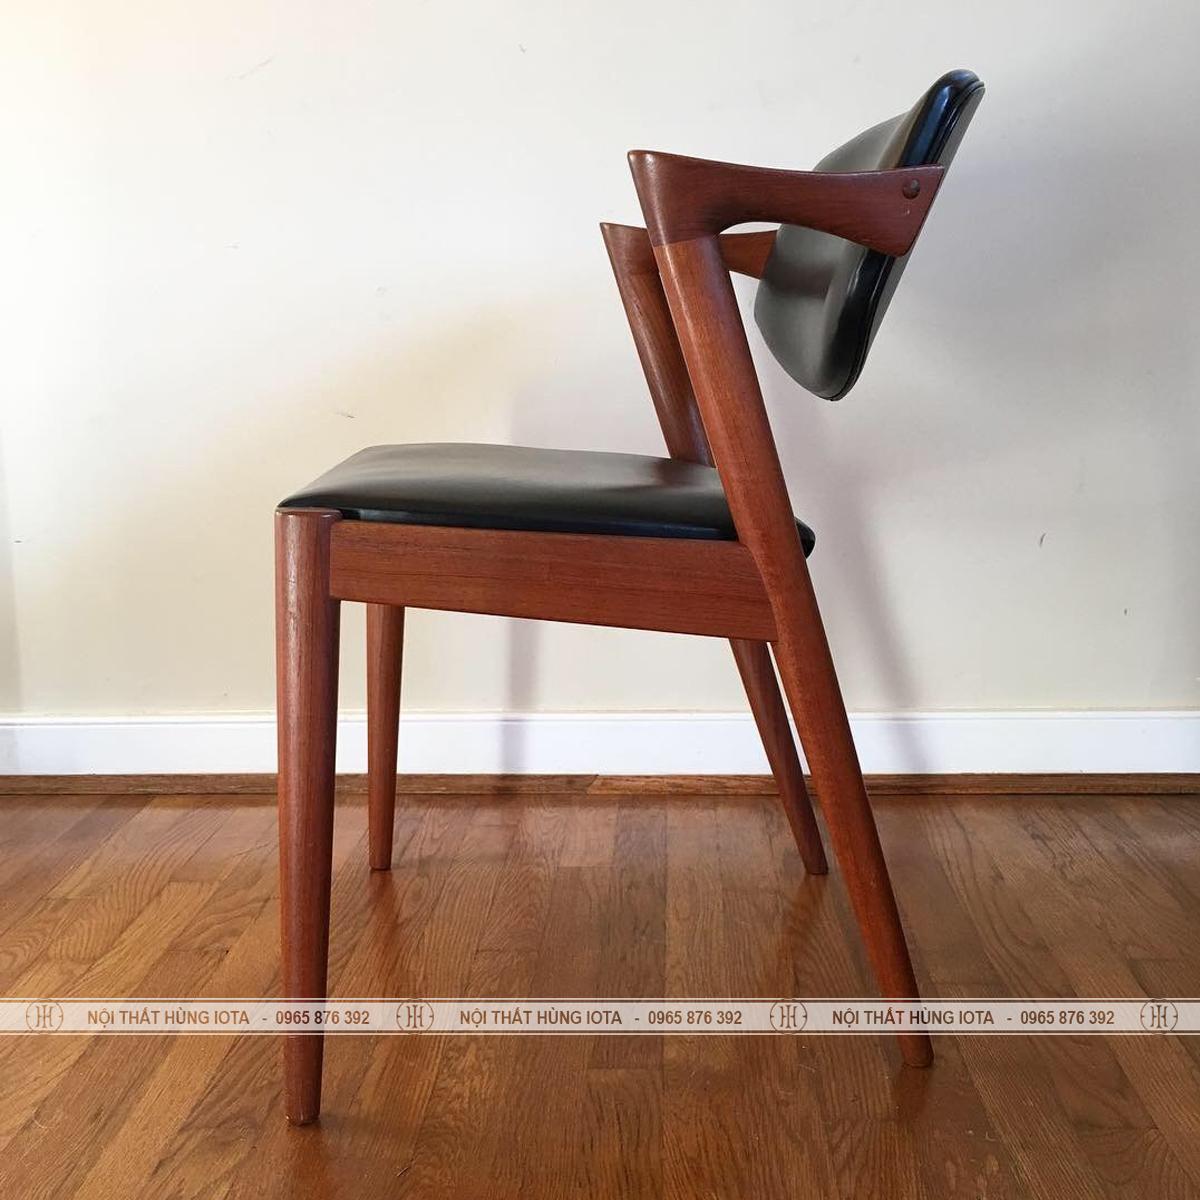 Ghế Kai chữ Z decor đẹp giá rẻ làm ghế ăn, ghế làm việc, ghế tiếp khách decor